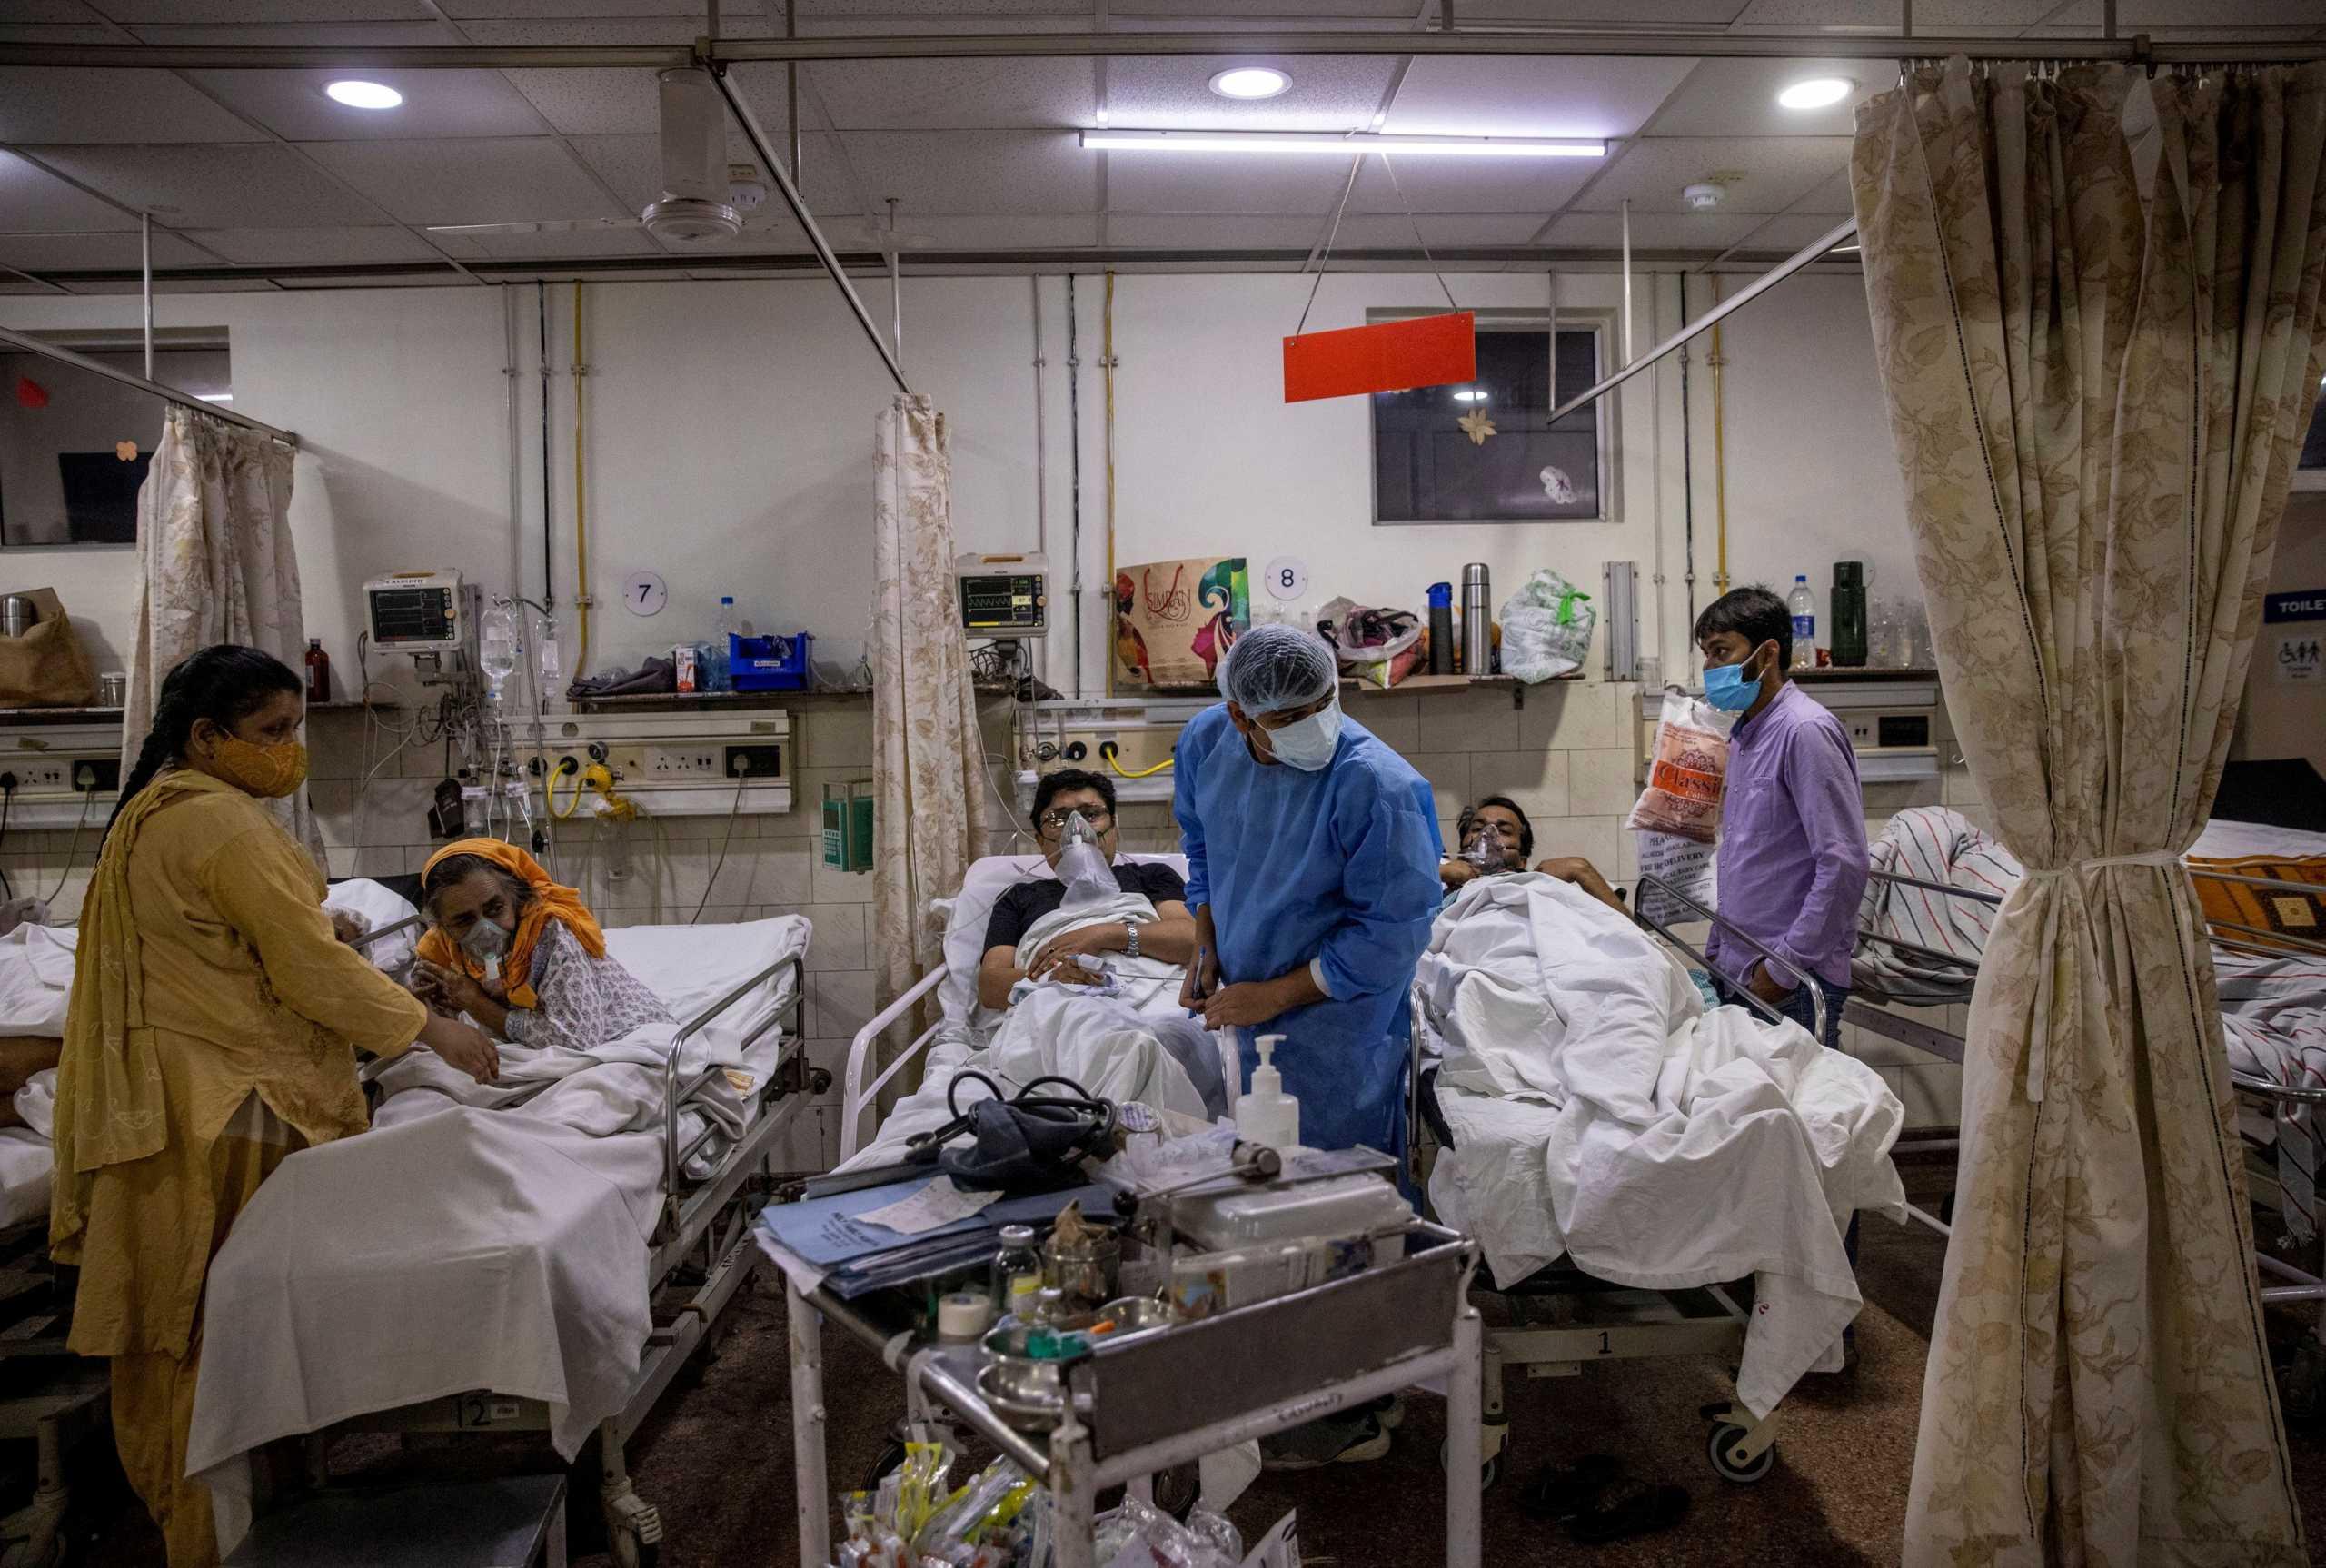 Ινδία: 640 νεκροί από κορονοϊό και πάνω από 43.000 κρούσματα το τελευταίο 24ωρο